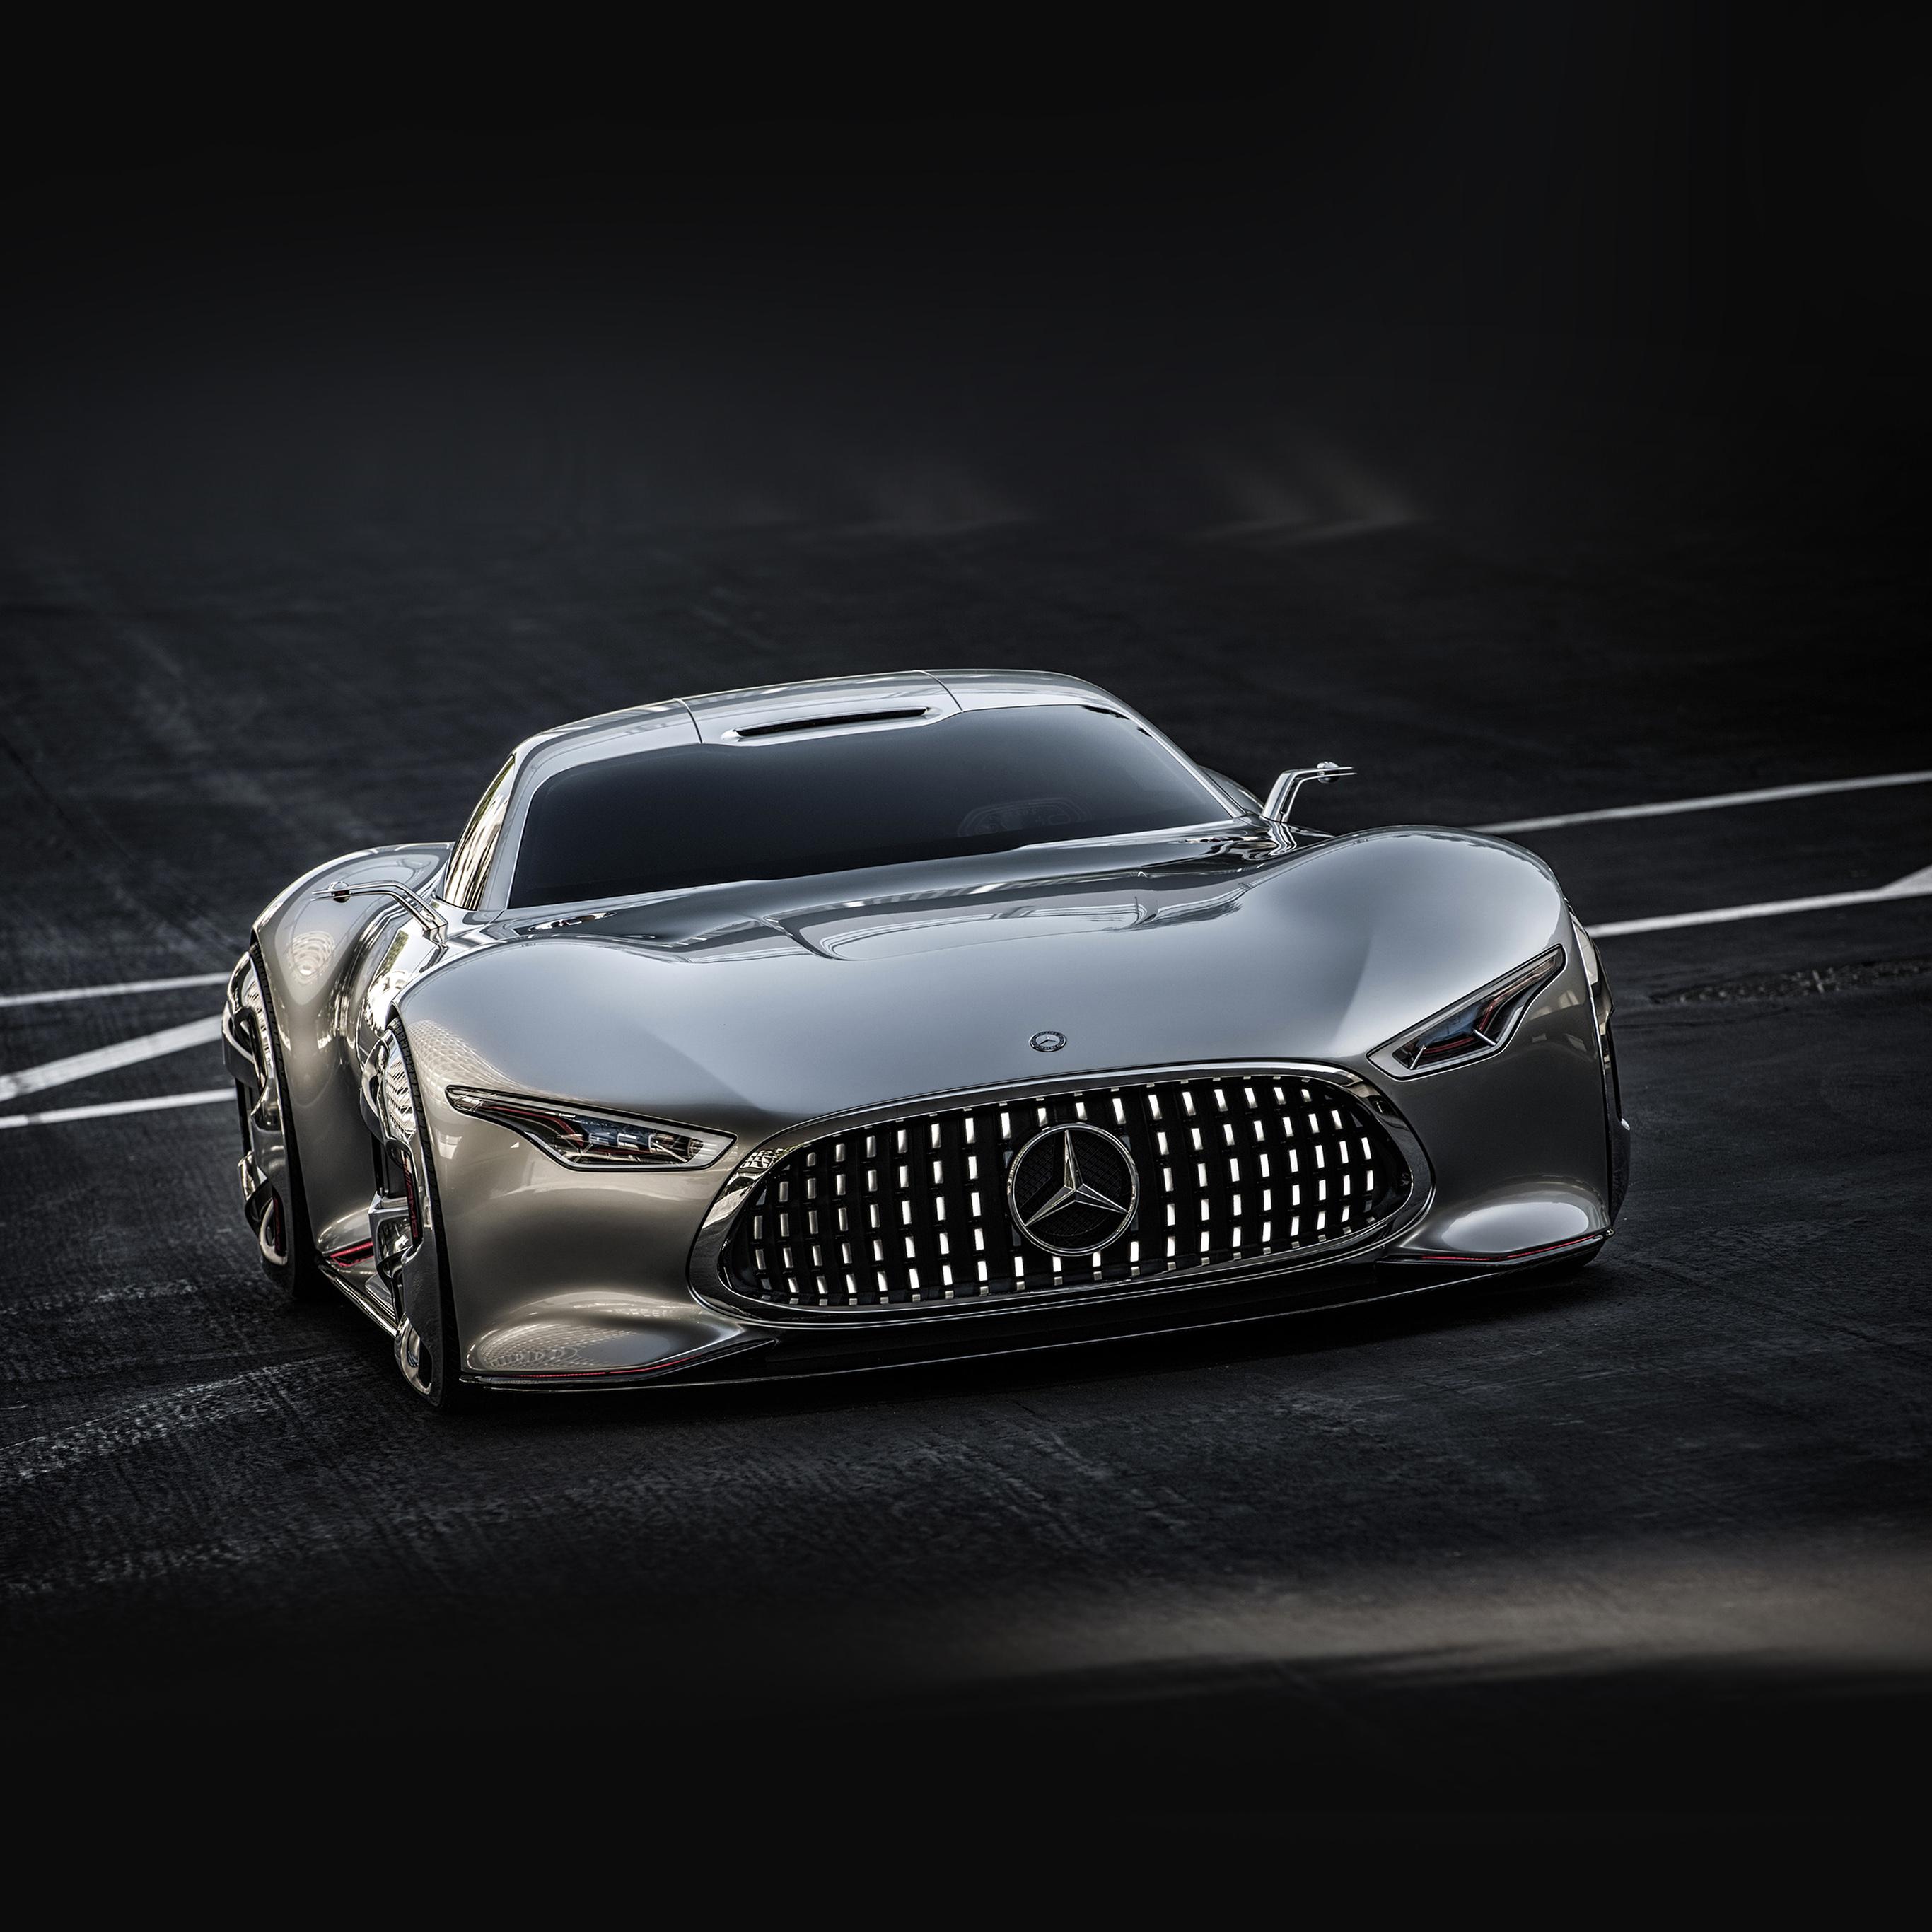 Am20 Mercedes Benz Super Car Drive Papers Co Images, Photos, Reviews